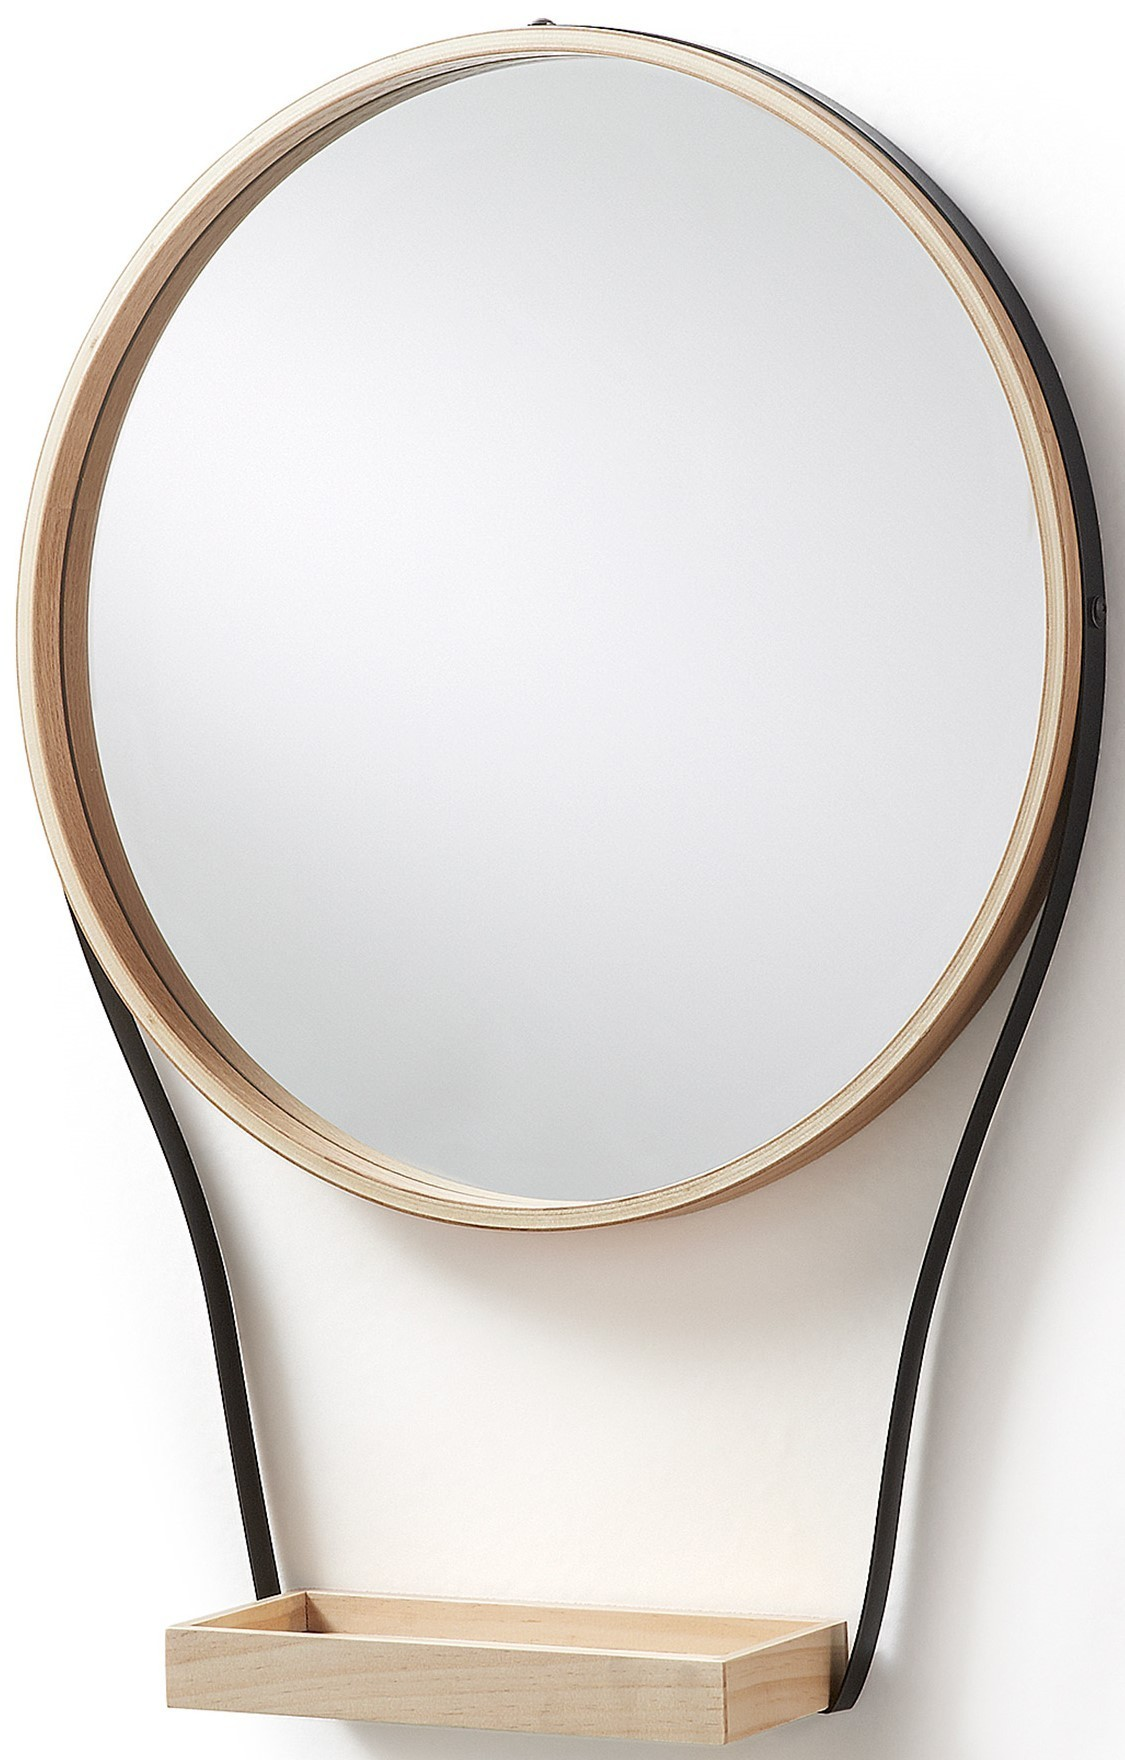 ERSO specchio rotondo con mensola in legno - Livitalia Design